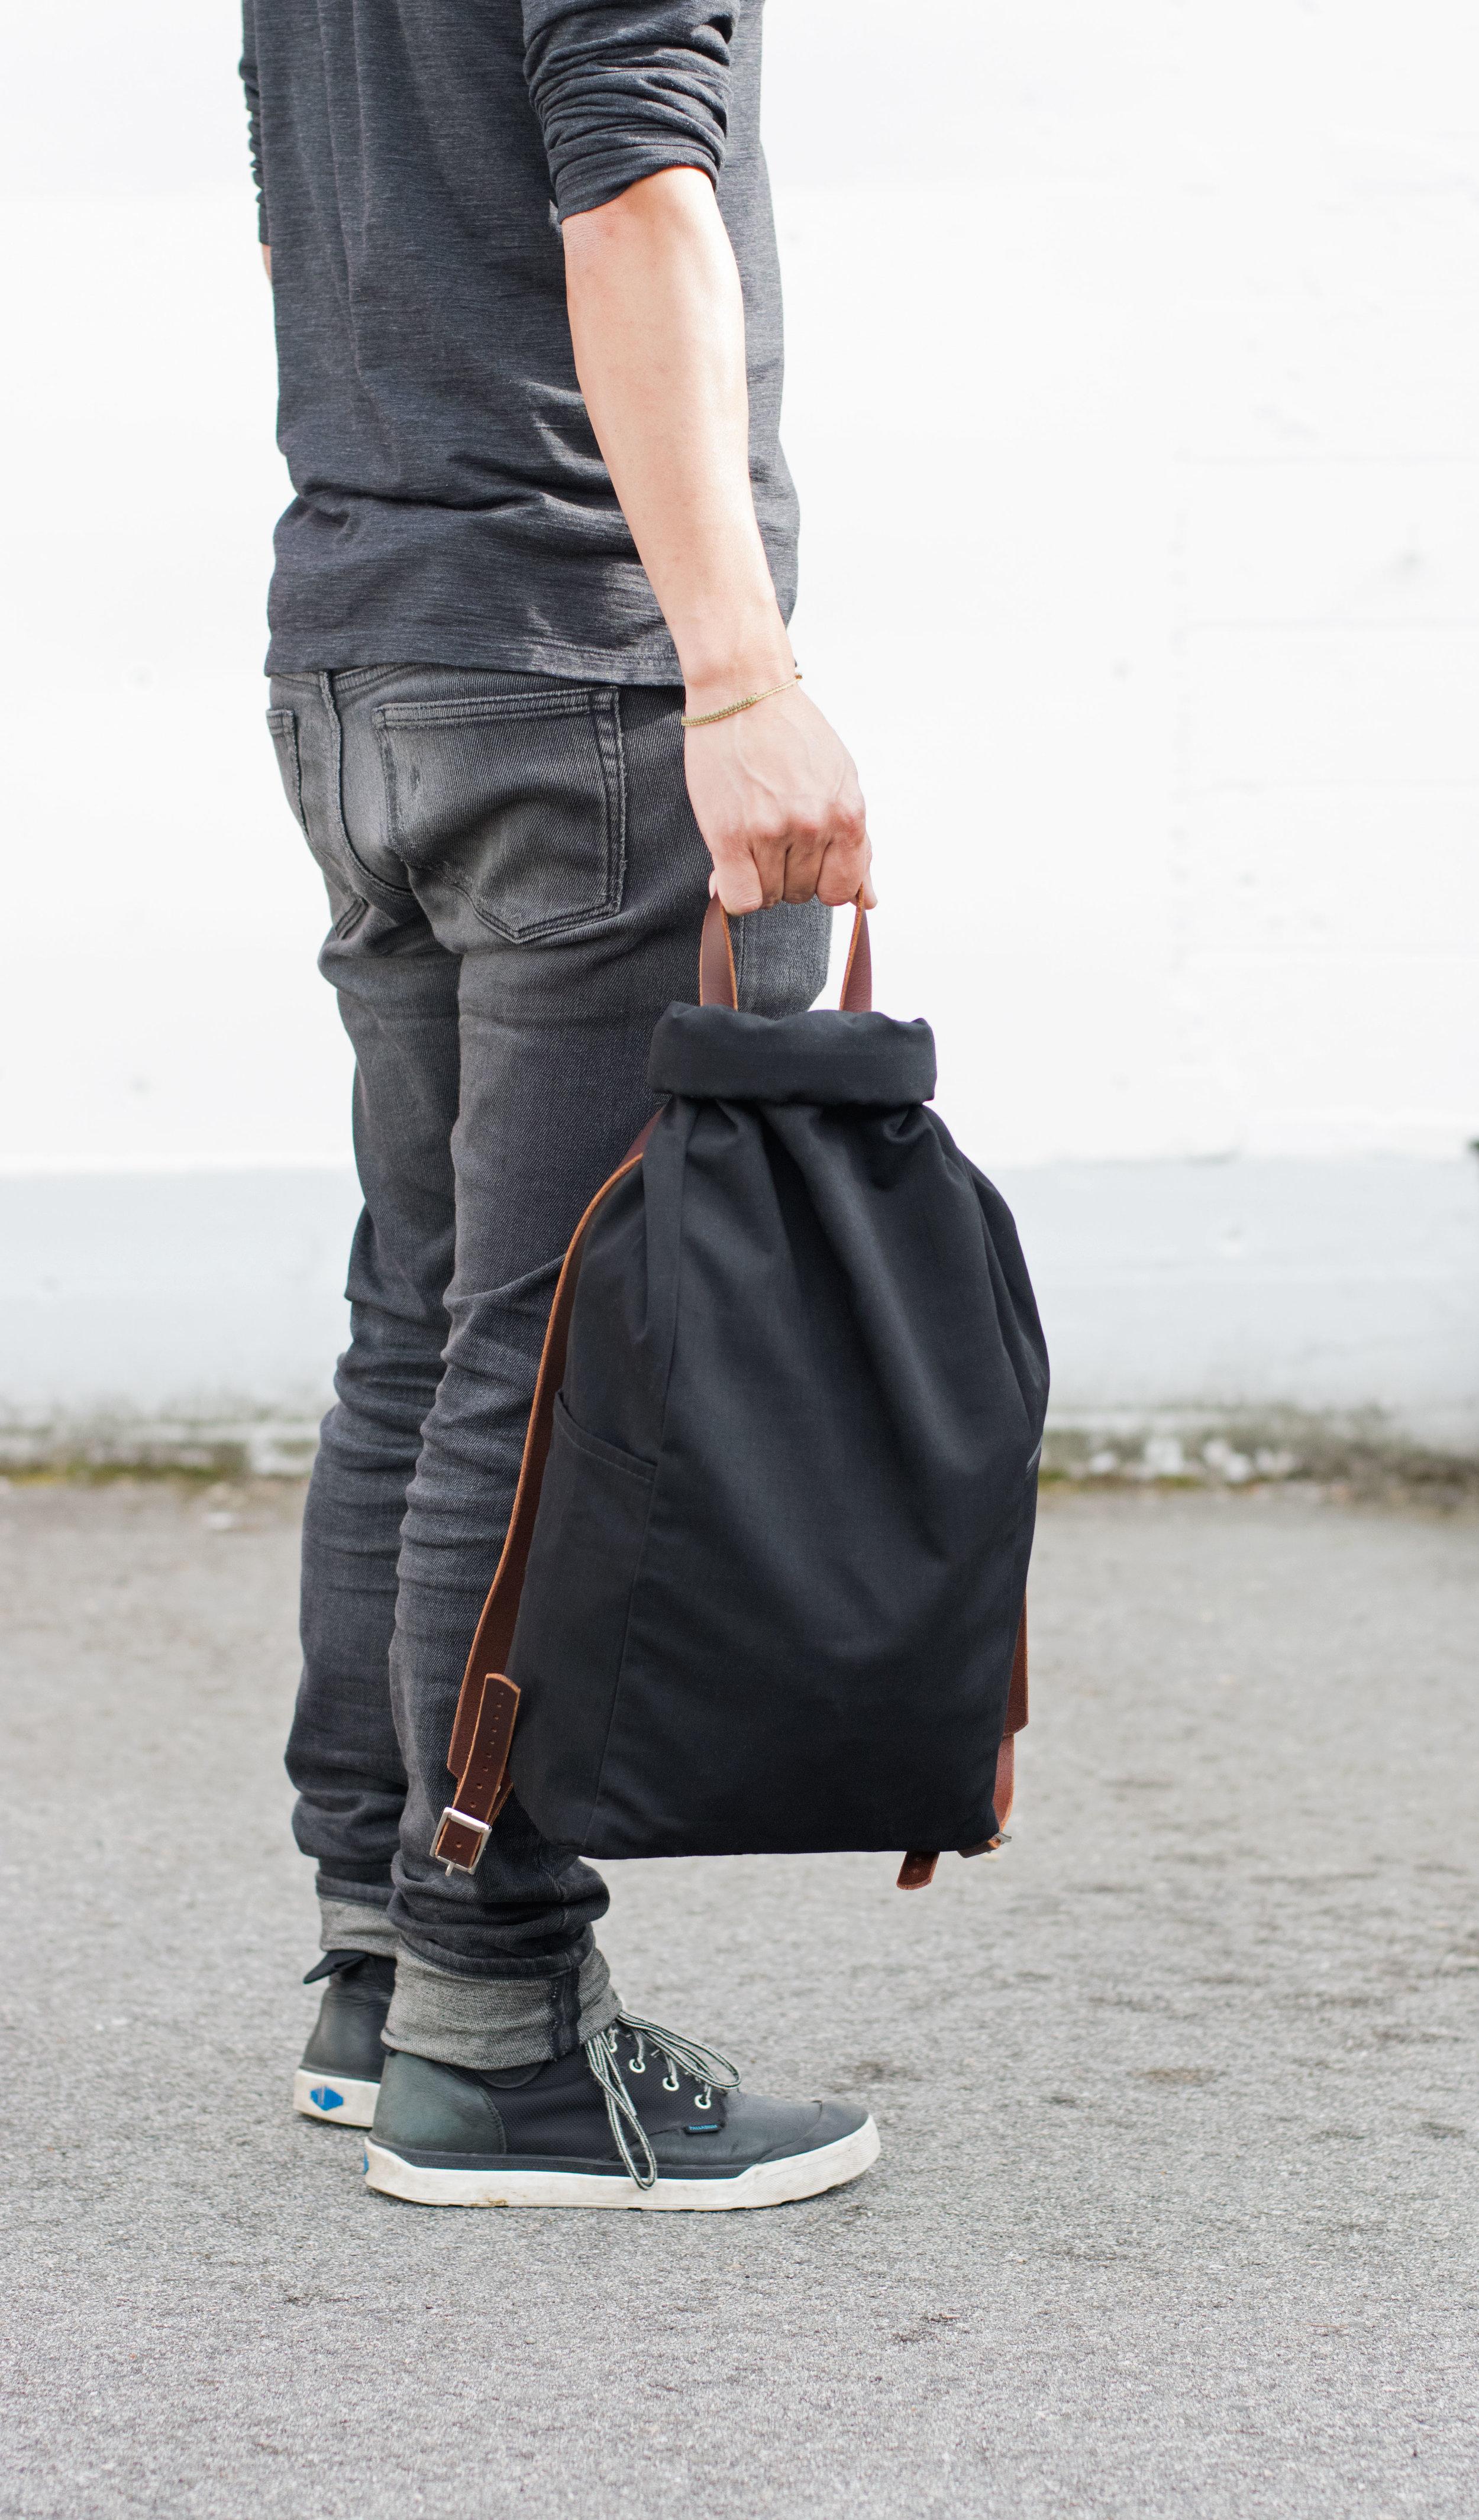 holding-bag.jpg